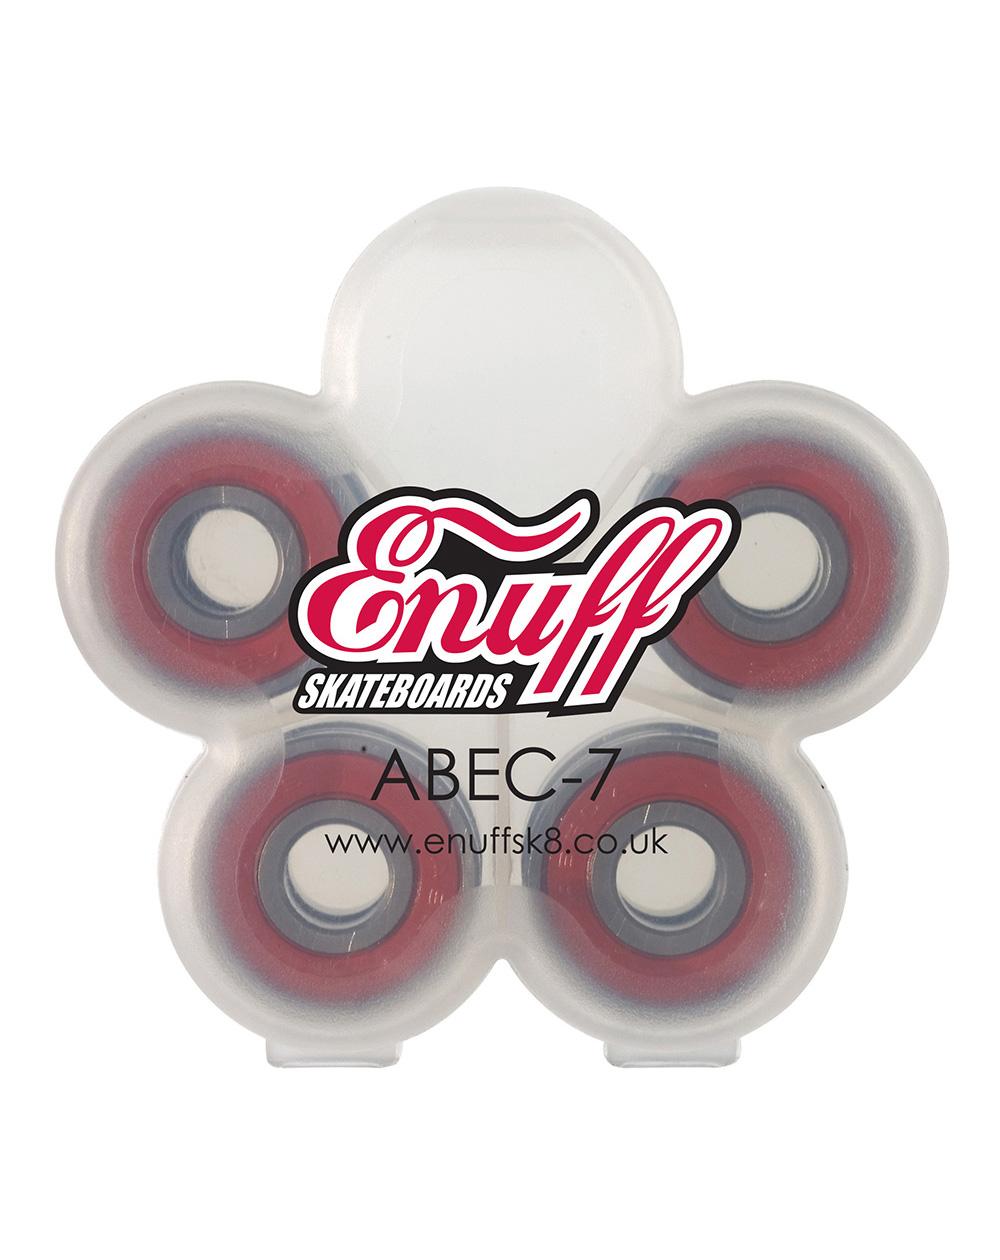 Enuff ABEC-7 Skateboard Bearings